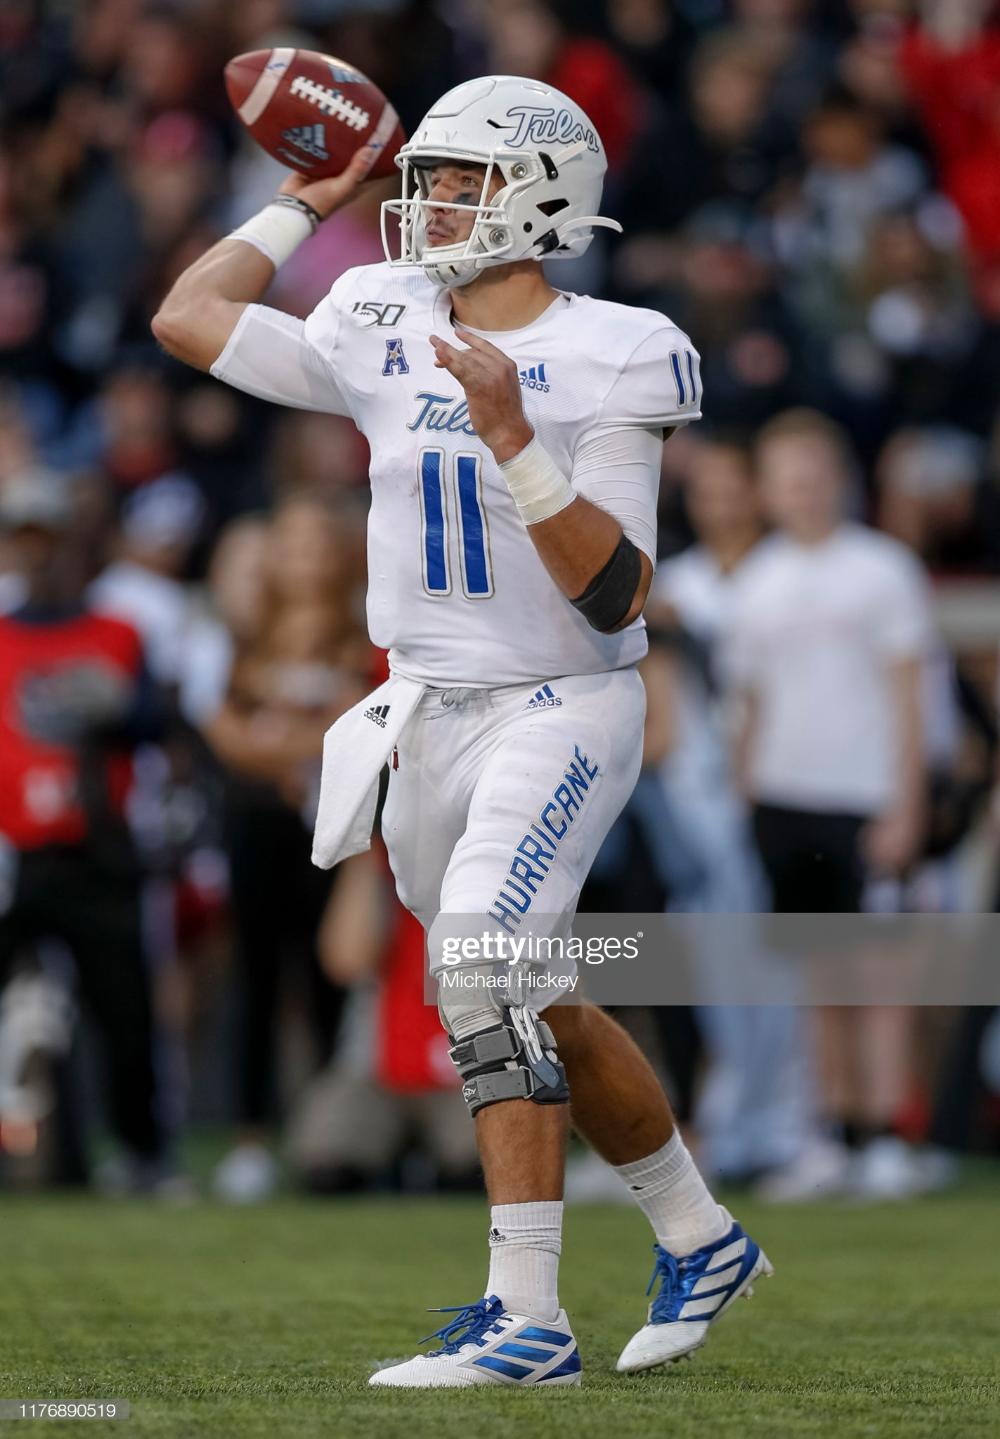 Zach Smith of the Tulsa Golden Hurricane throws the ball ...